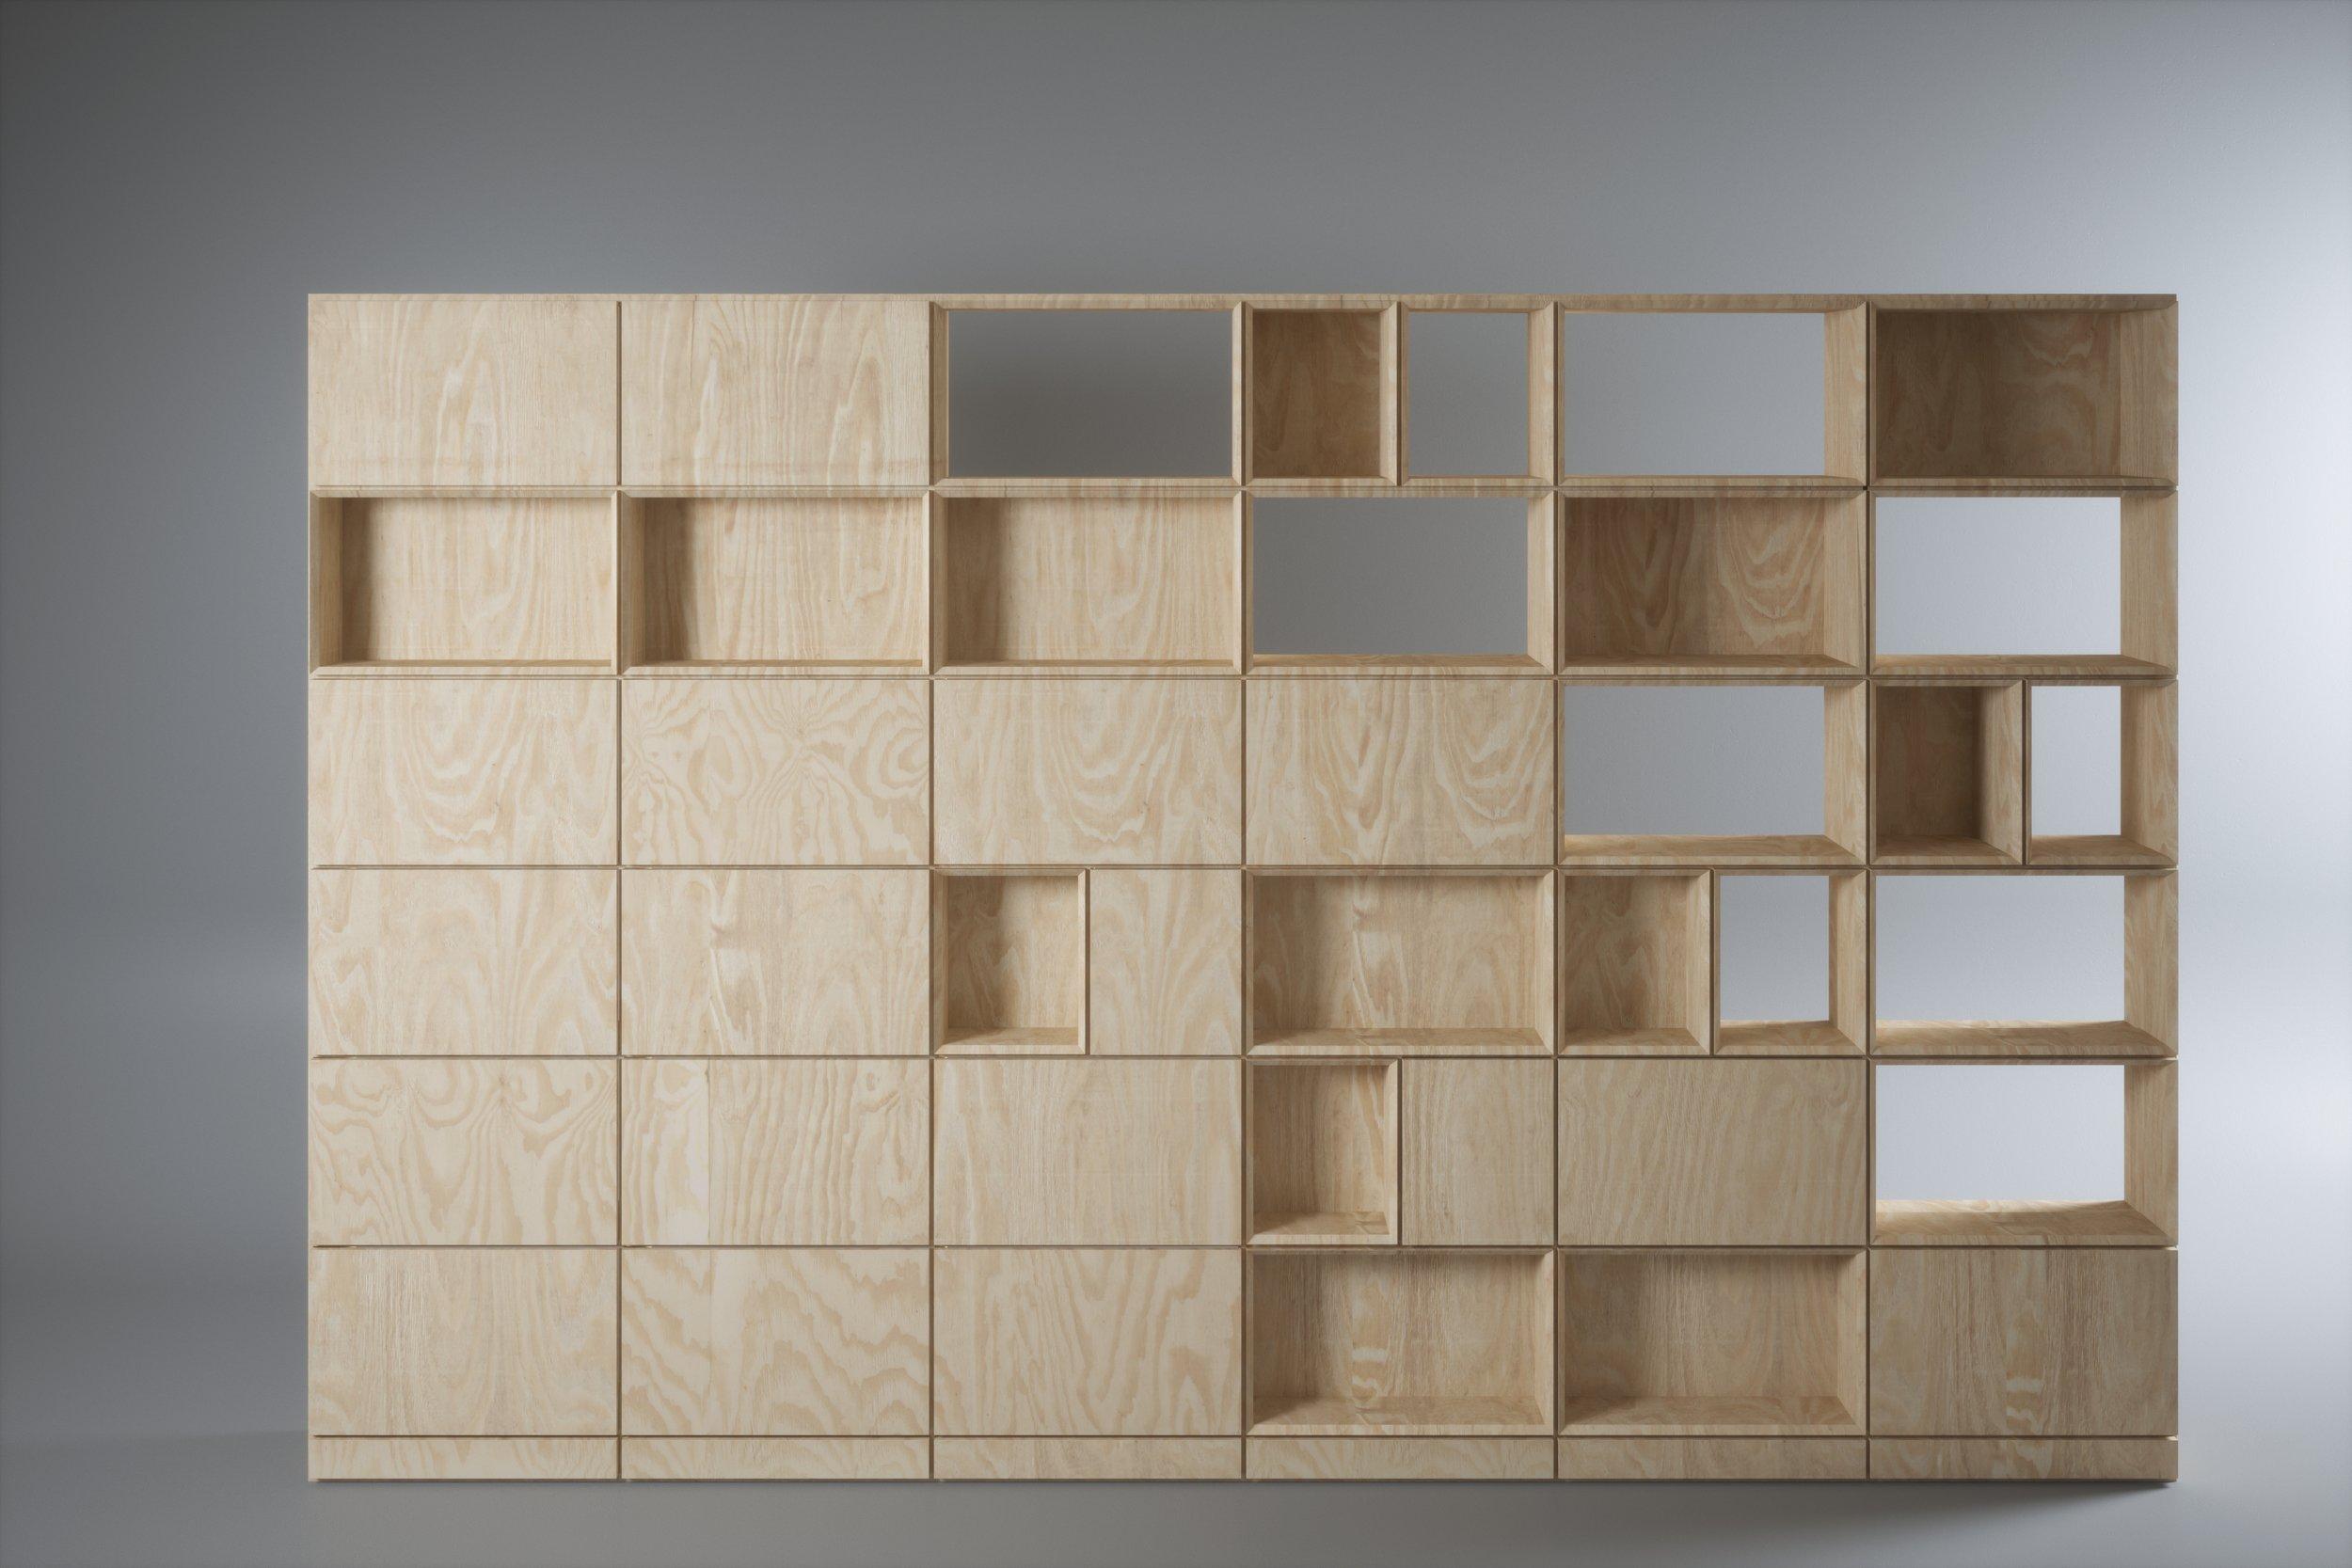 Bookshelf_003.jpg